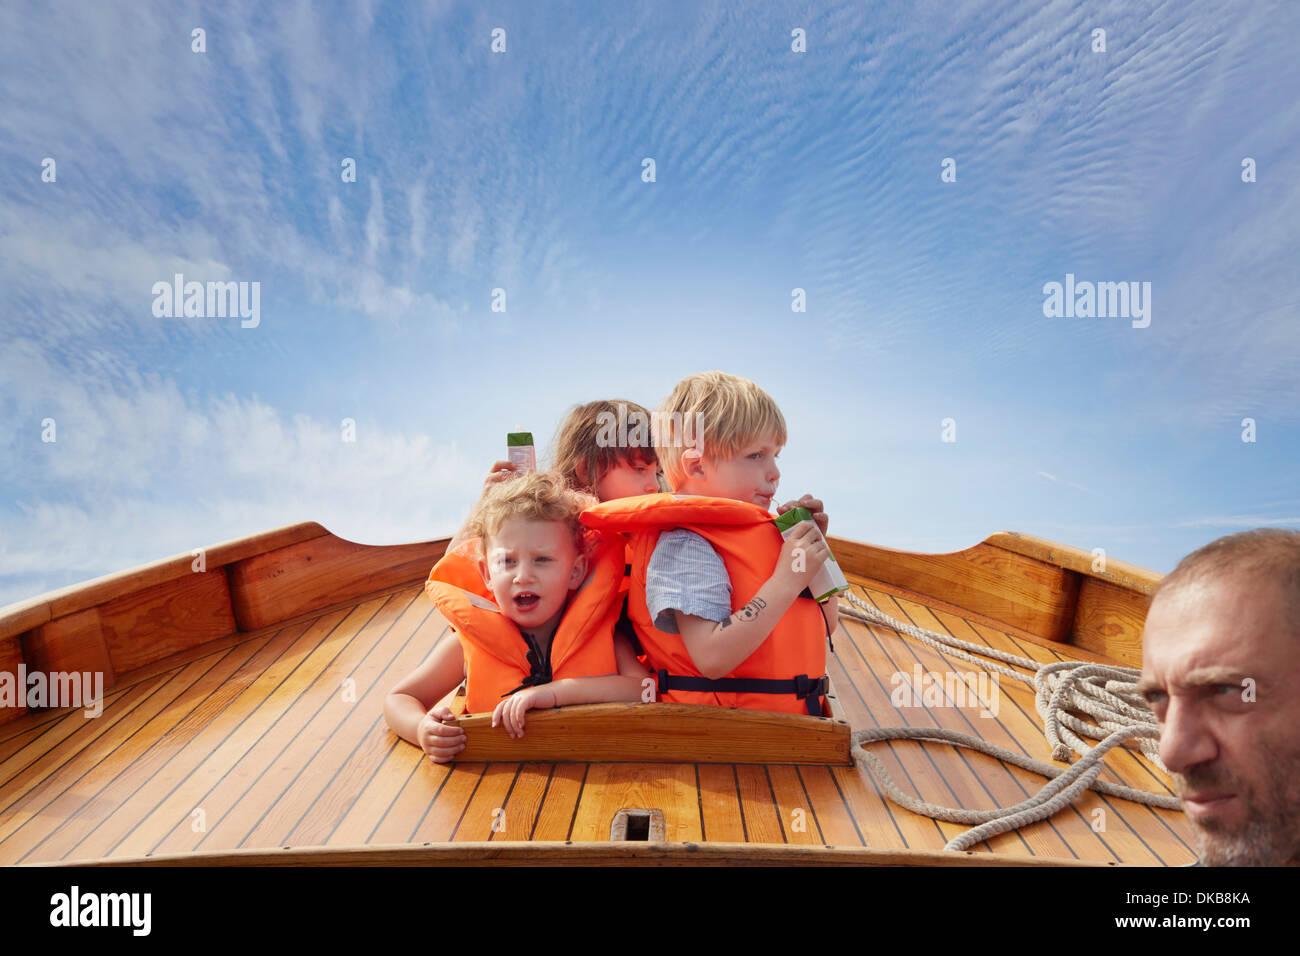 Bambini indossare giubbotti di salvataggio sulla barca, Eggergrund, Svezia Immagini Stock